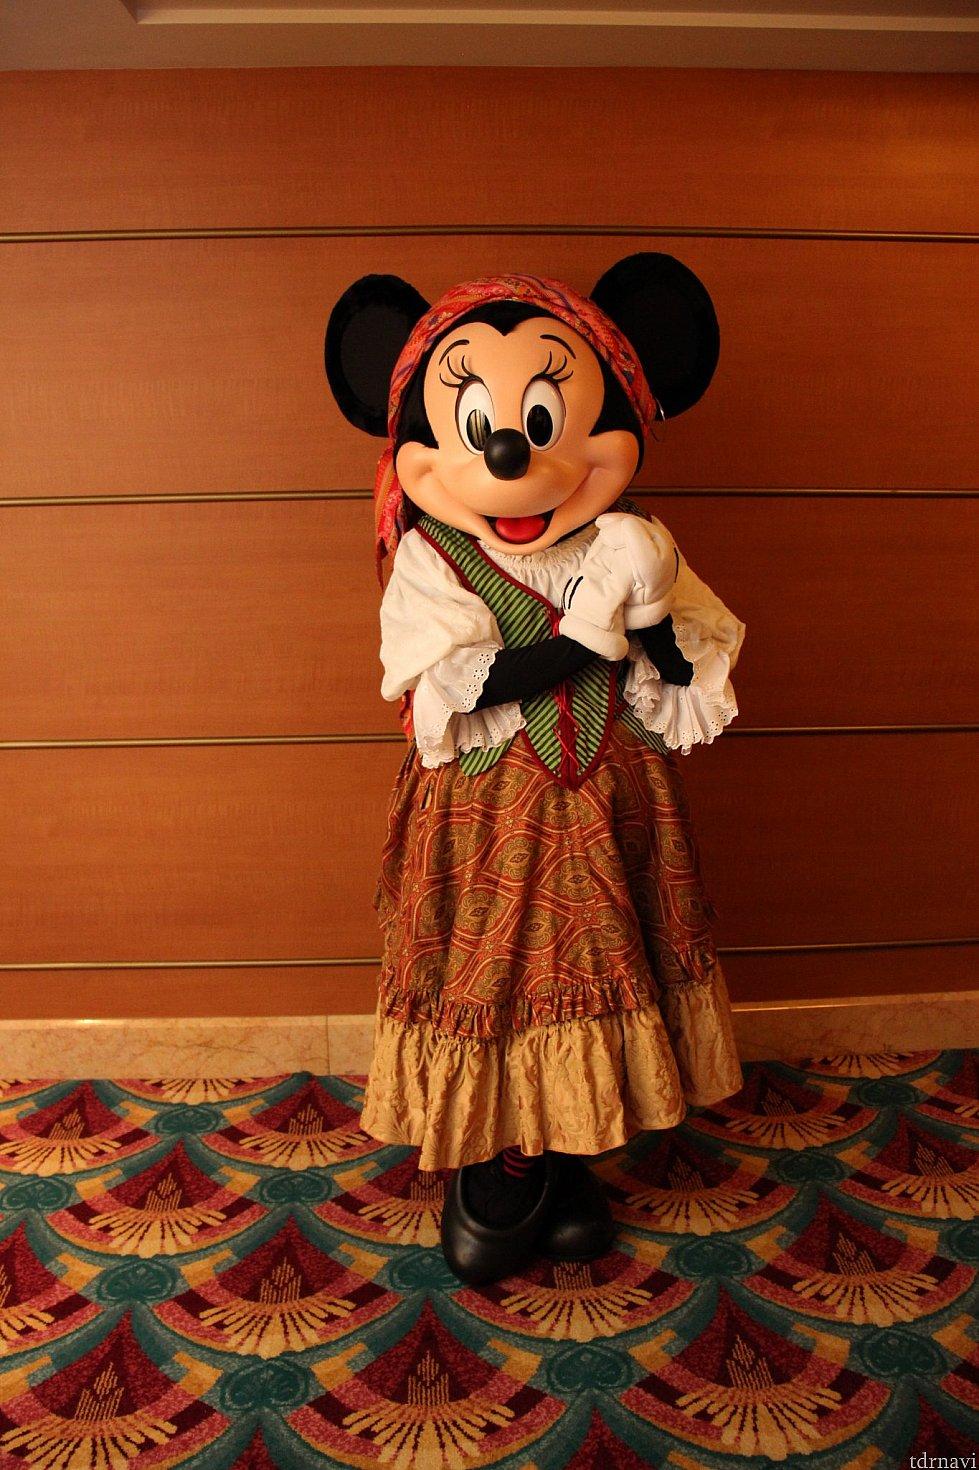 ミニーちゃんはほかの船のパイレーツ衣装と少し違います♡